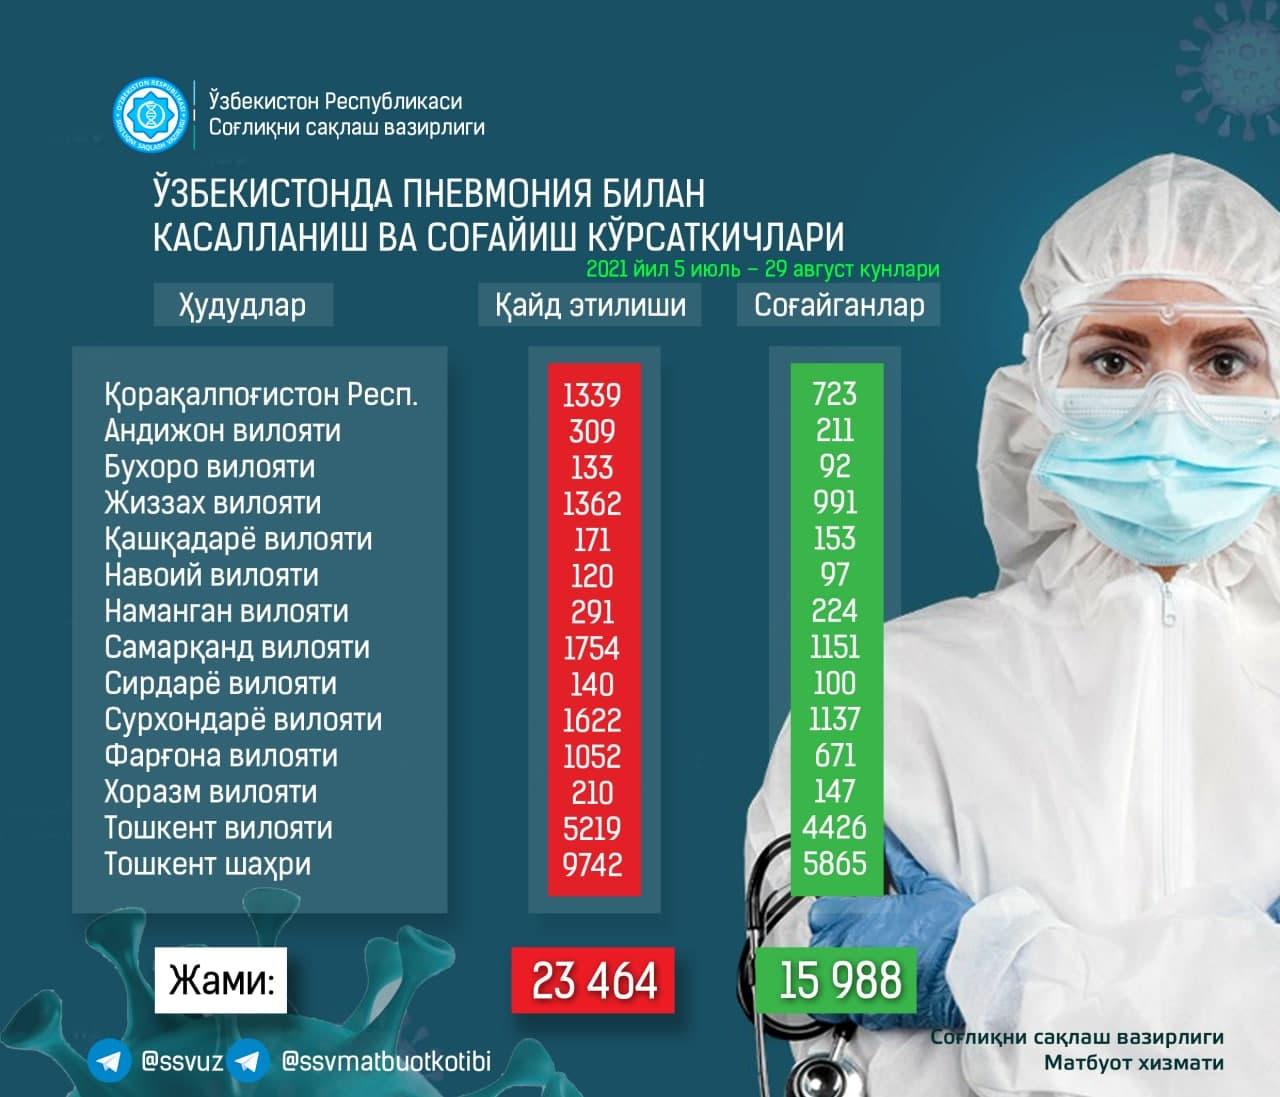 Минздрав опубликовал статистику заболеваний пневмонии за сутки